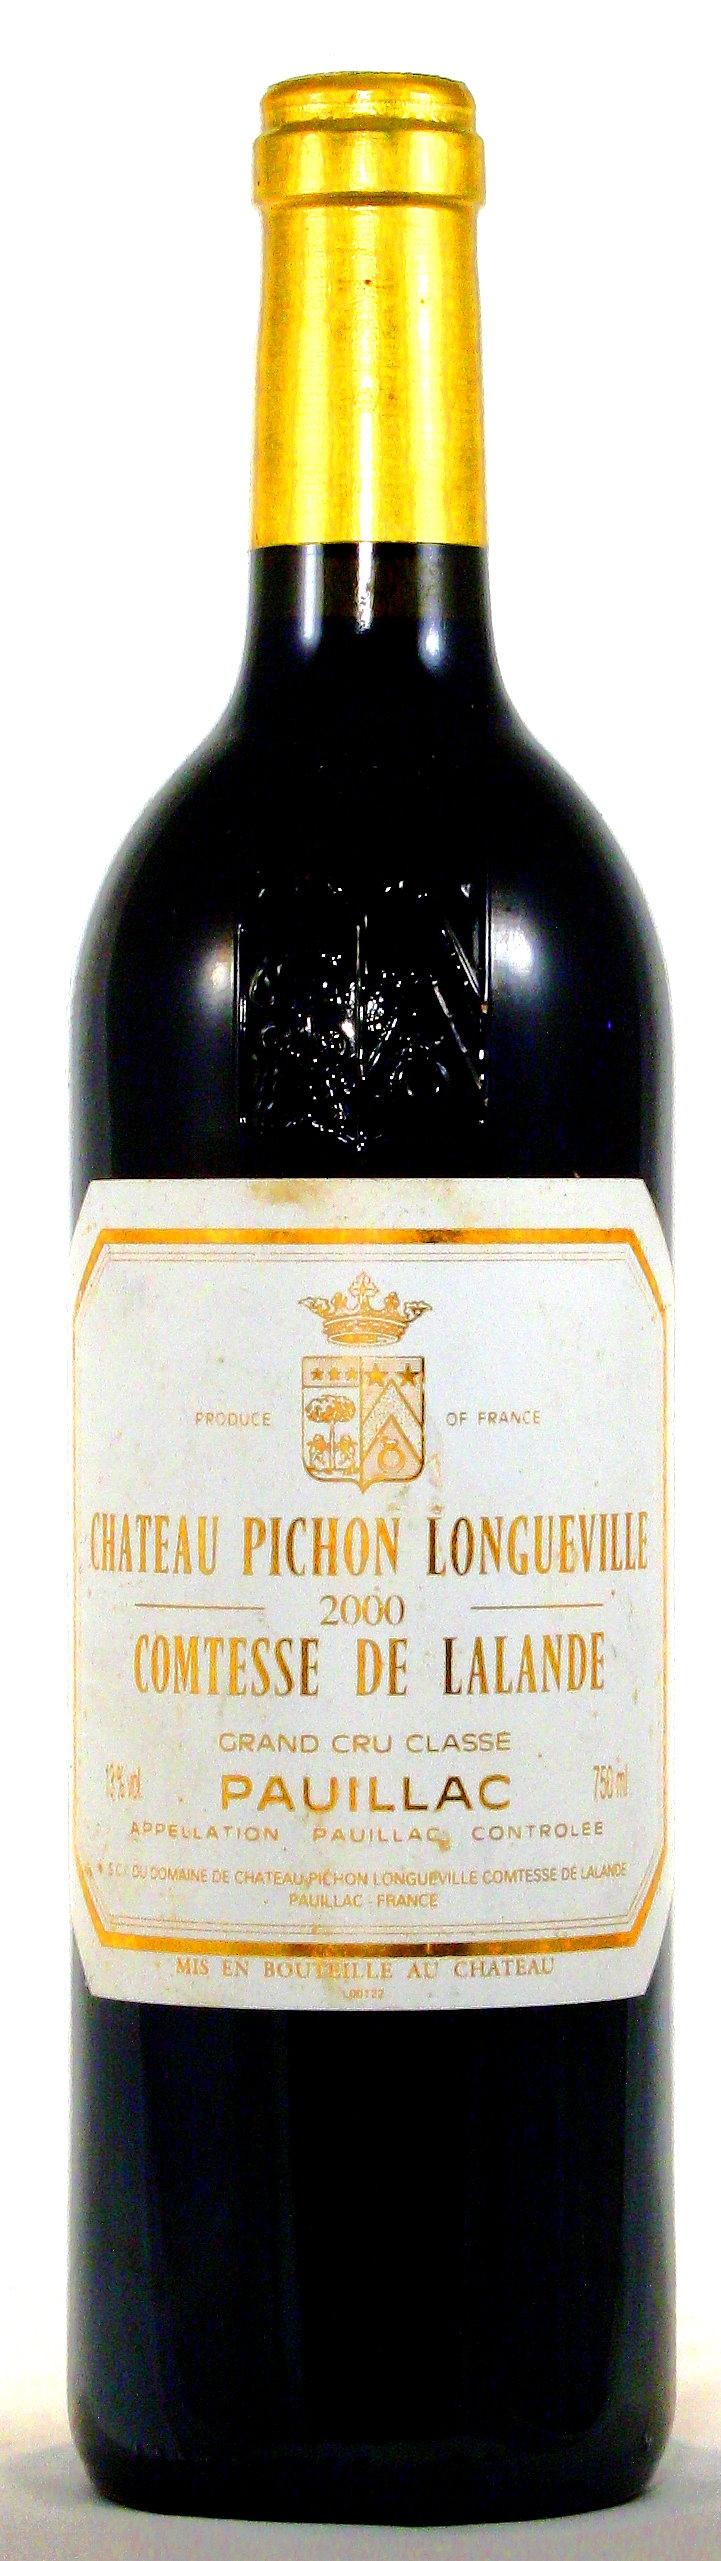 2000 Château Pichon Comtesse de Lalande, Pauillac, Médoc Bordeaux